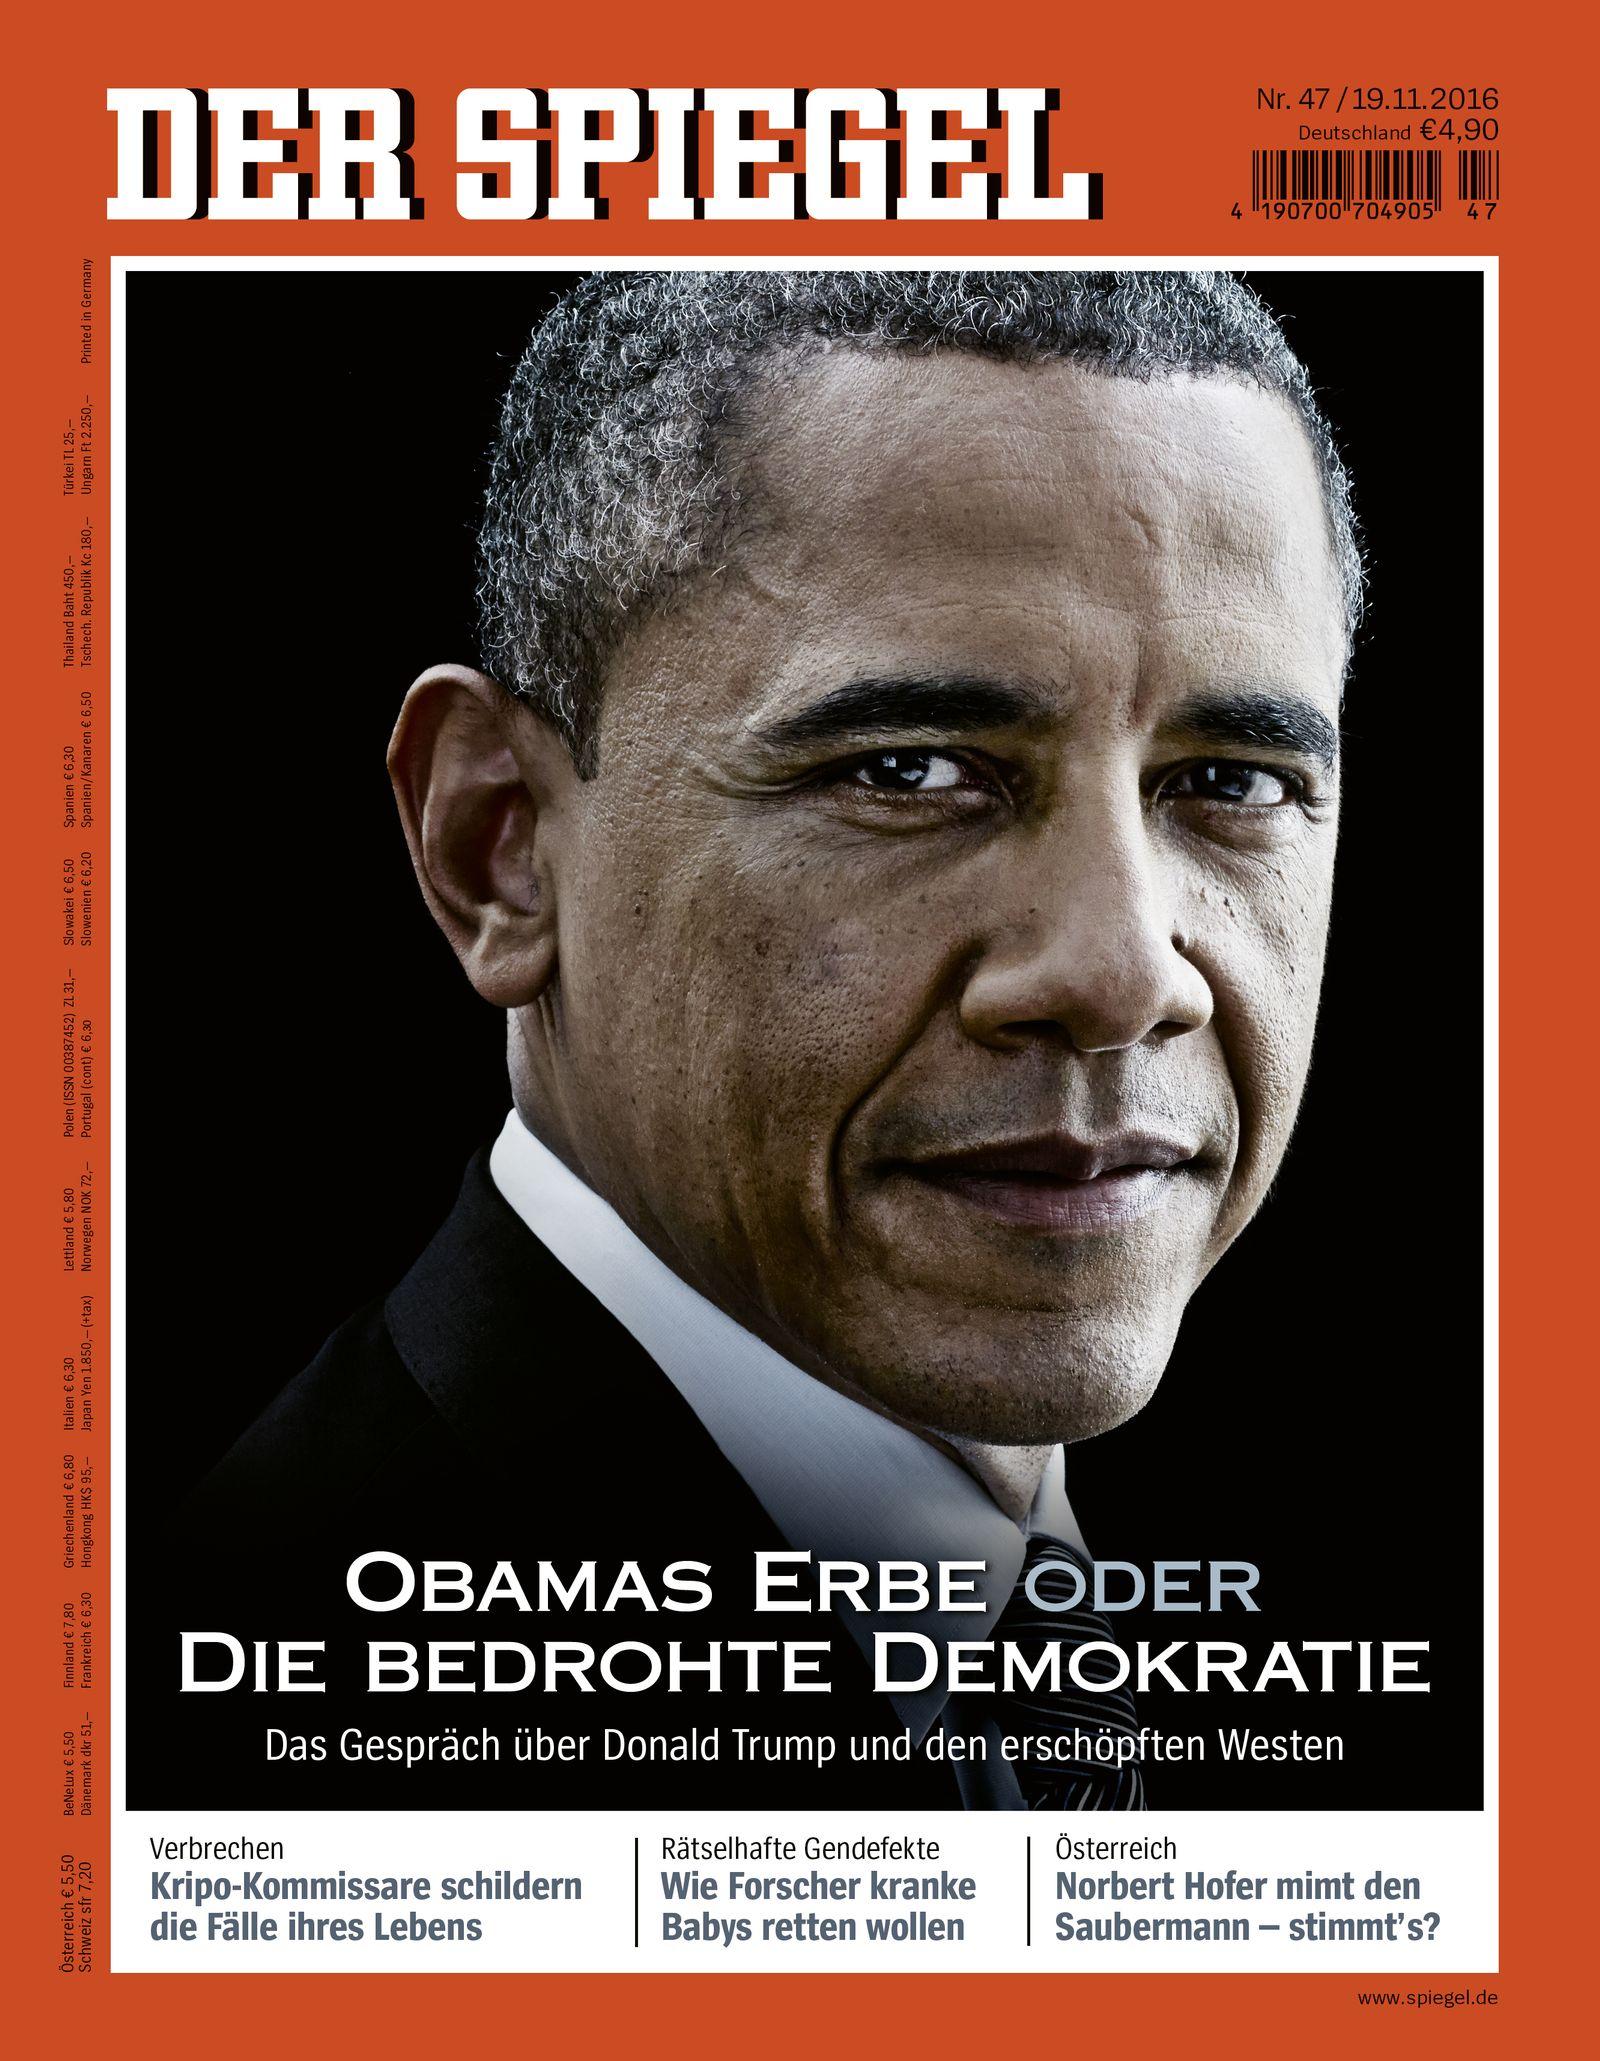 DER SPIEGEL 45/2016 Cover